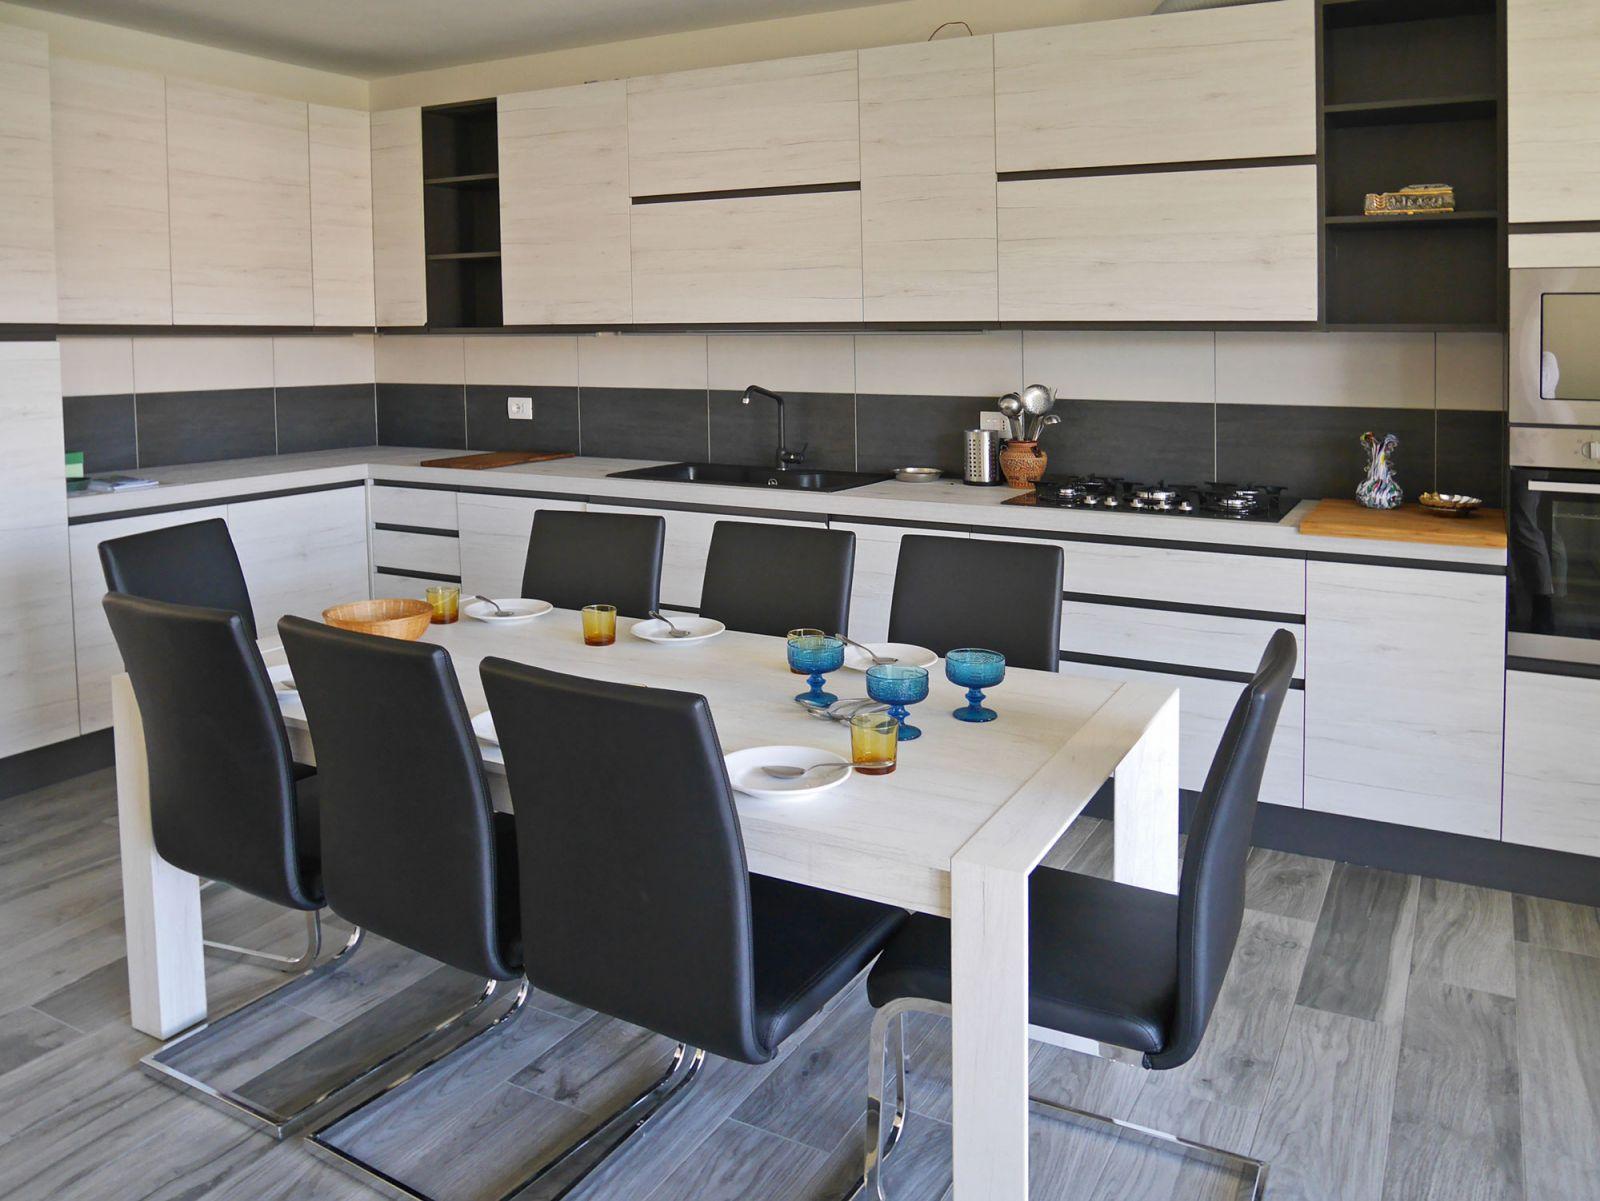 Ziemlich Lässig Küchenmöbel Bilder - Ideen Für Die Küche Dekoration ...